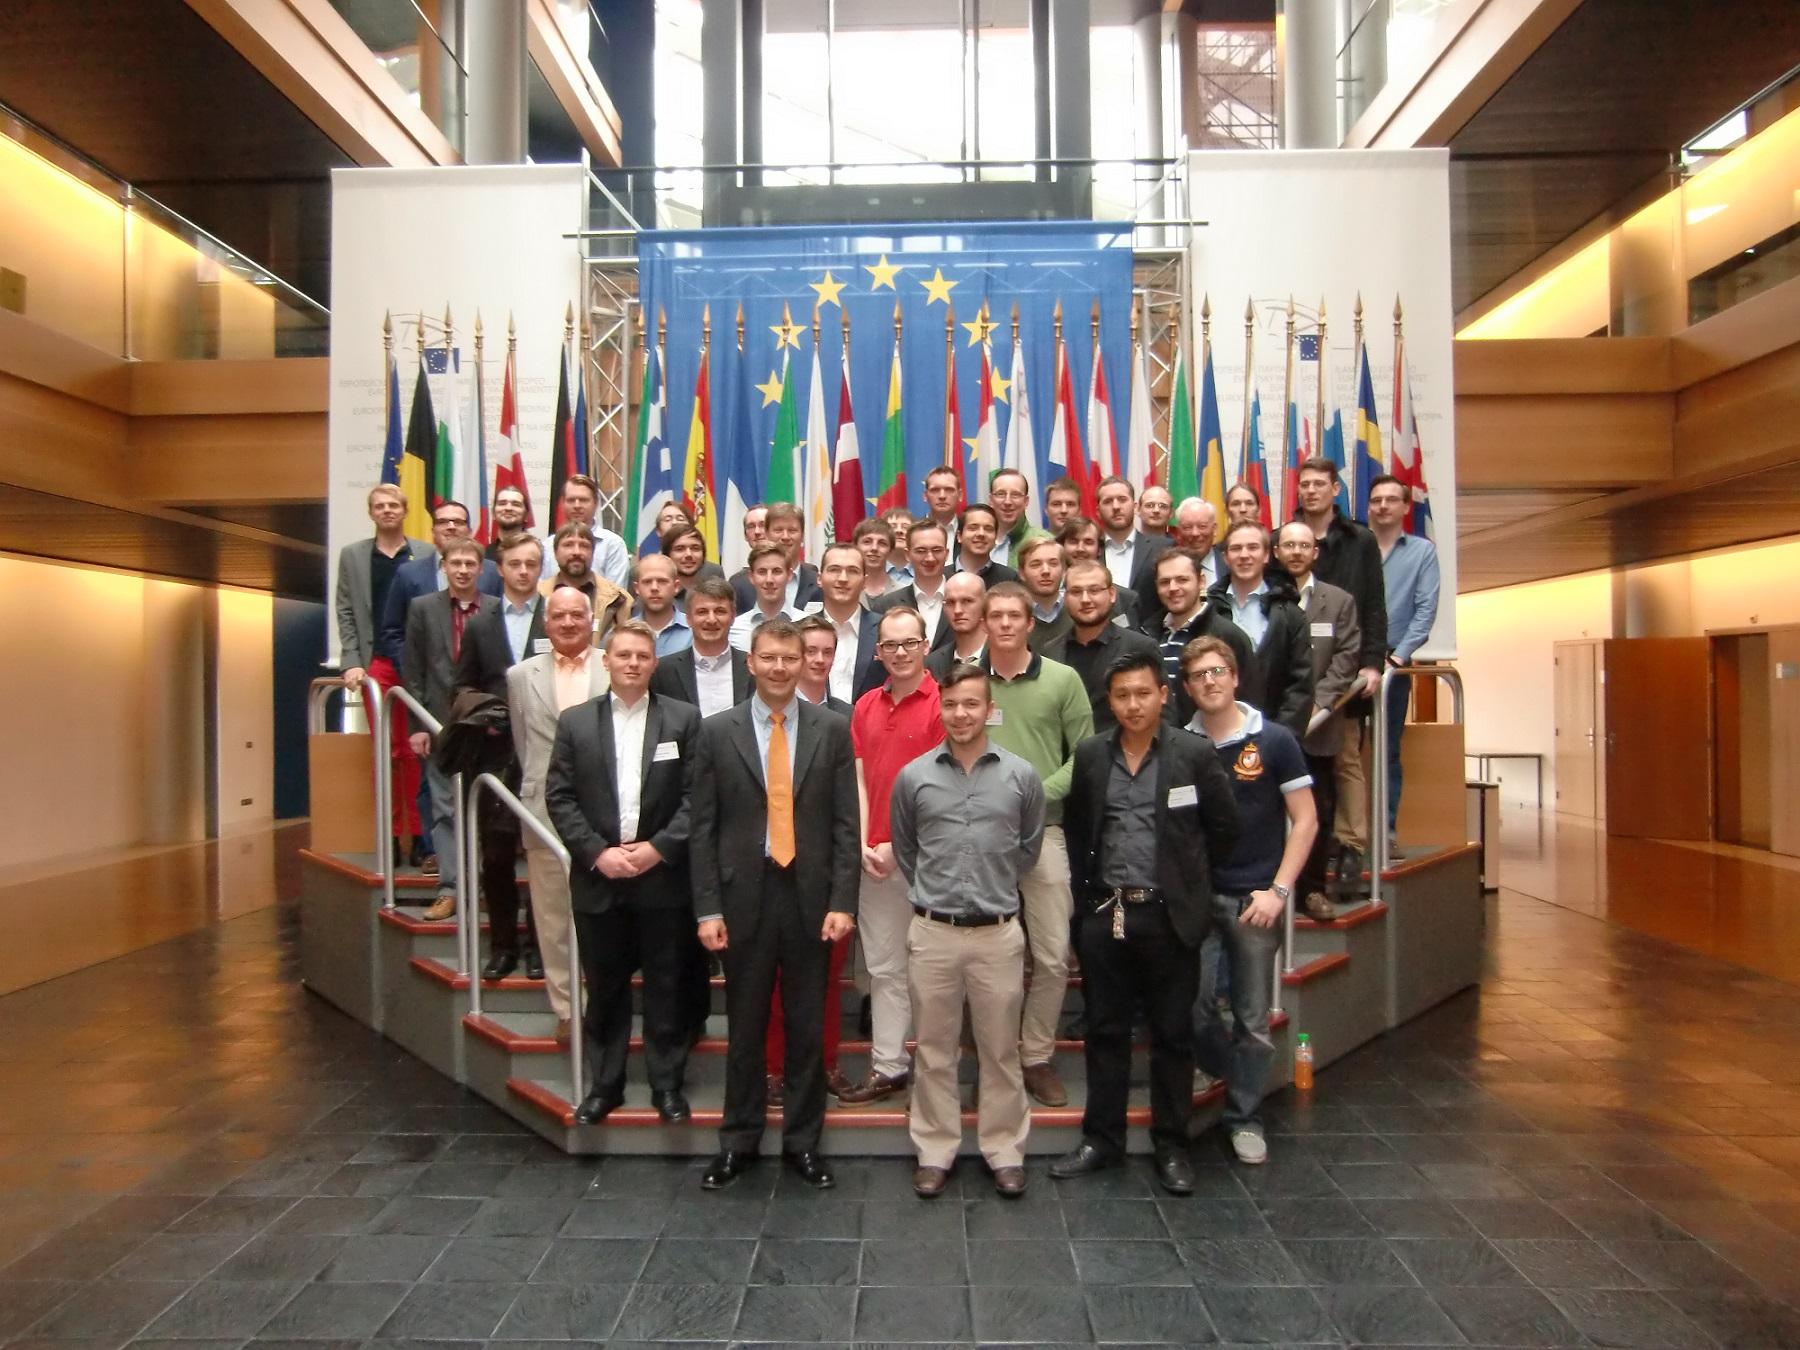 Europatagung 2013 in Karlsruhe